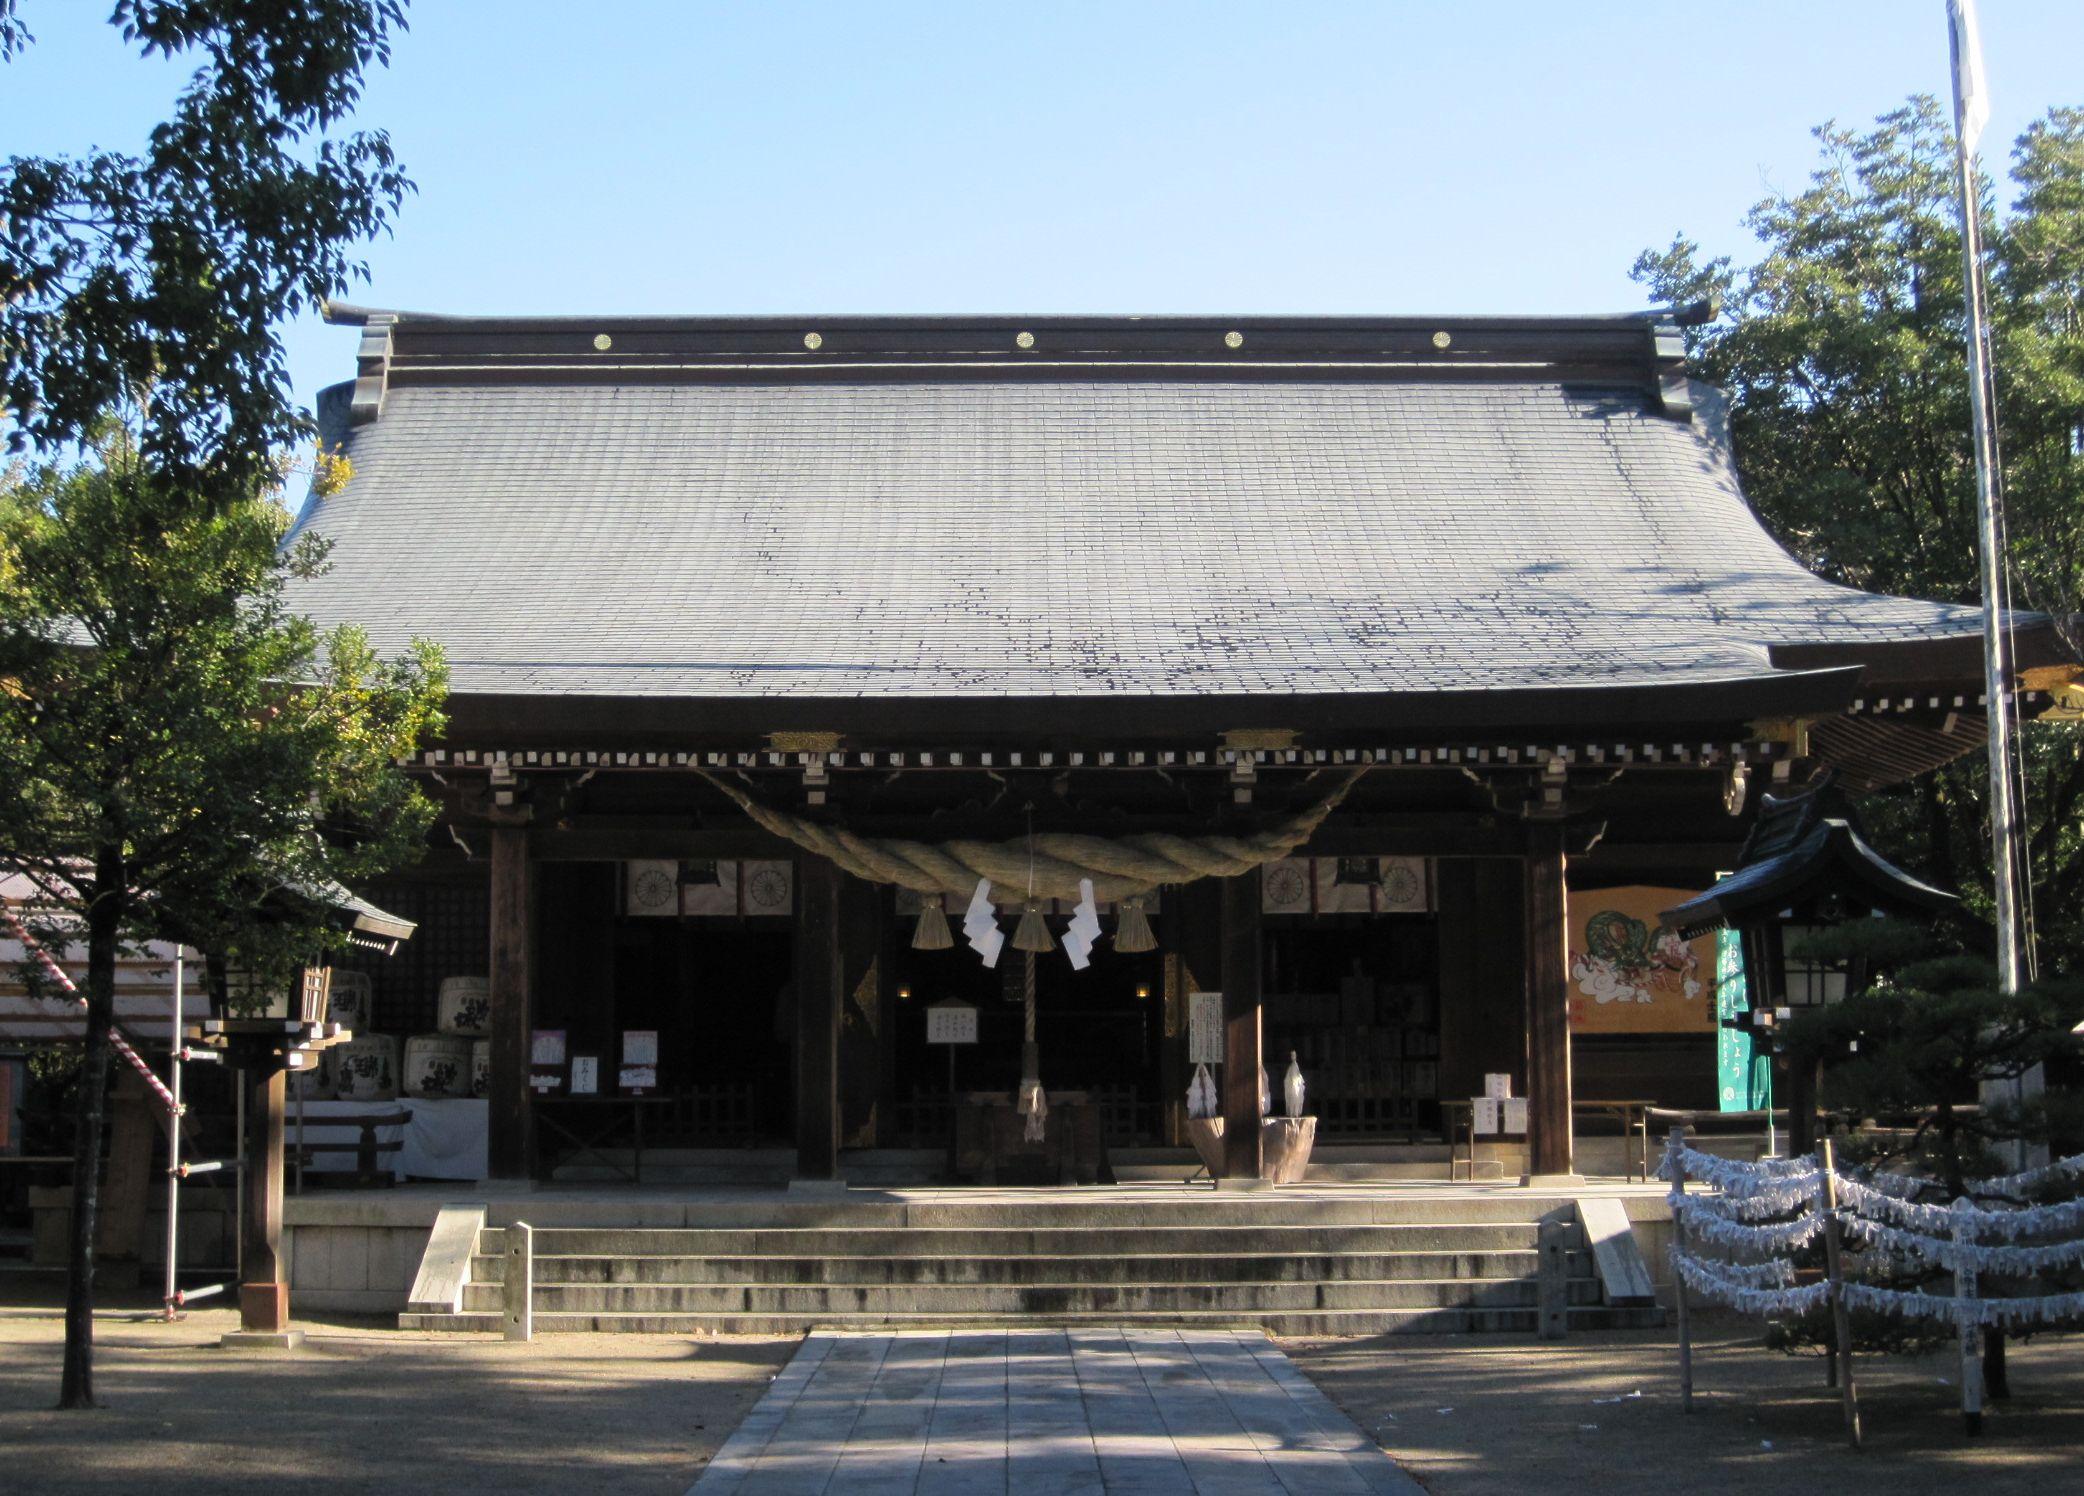 菊池神社 (菊池市)